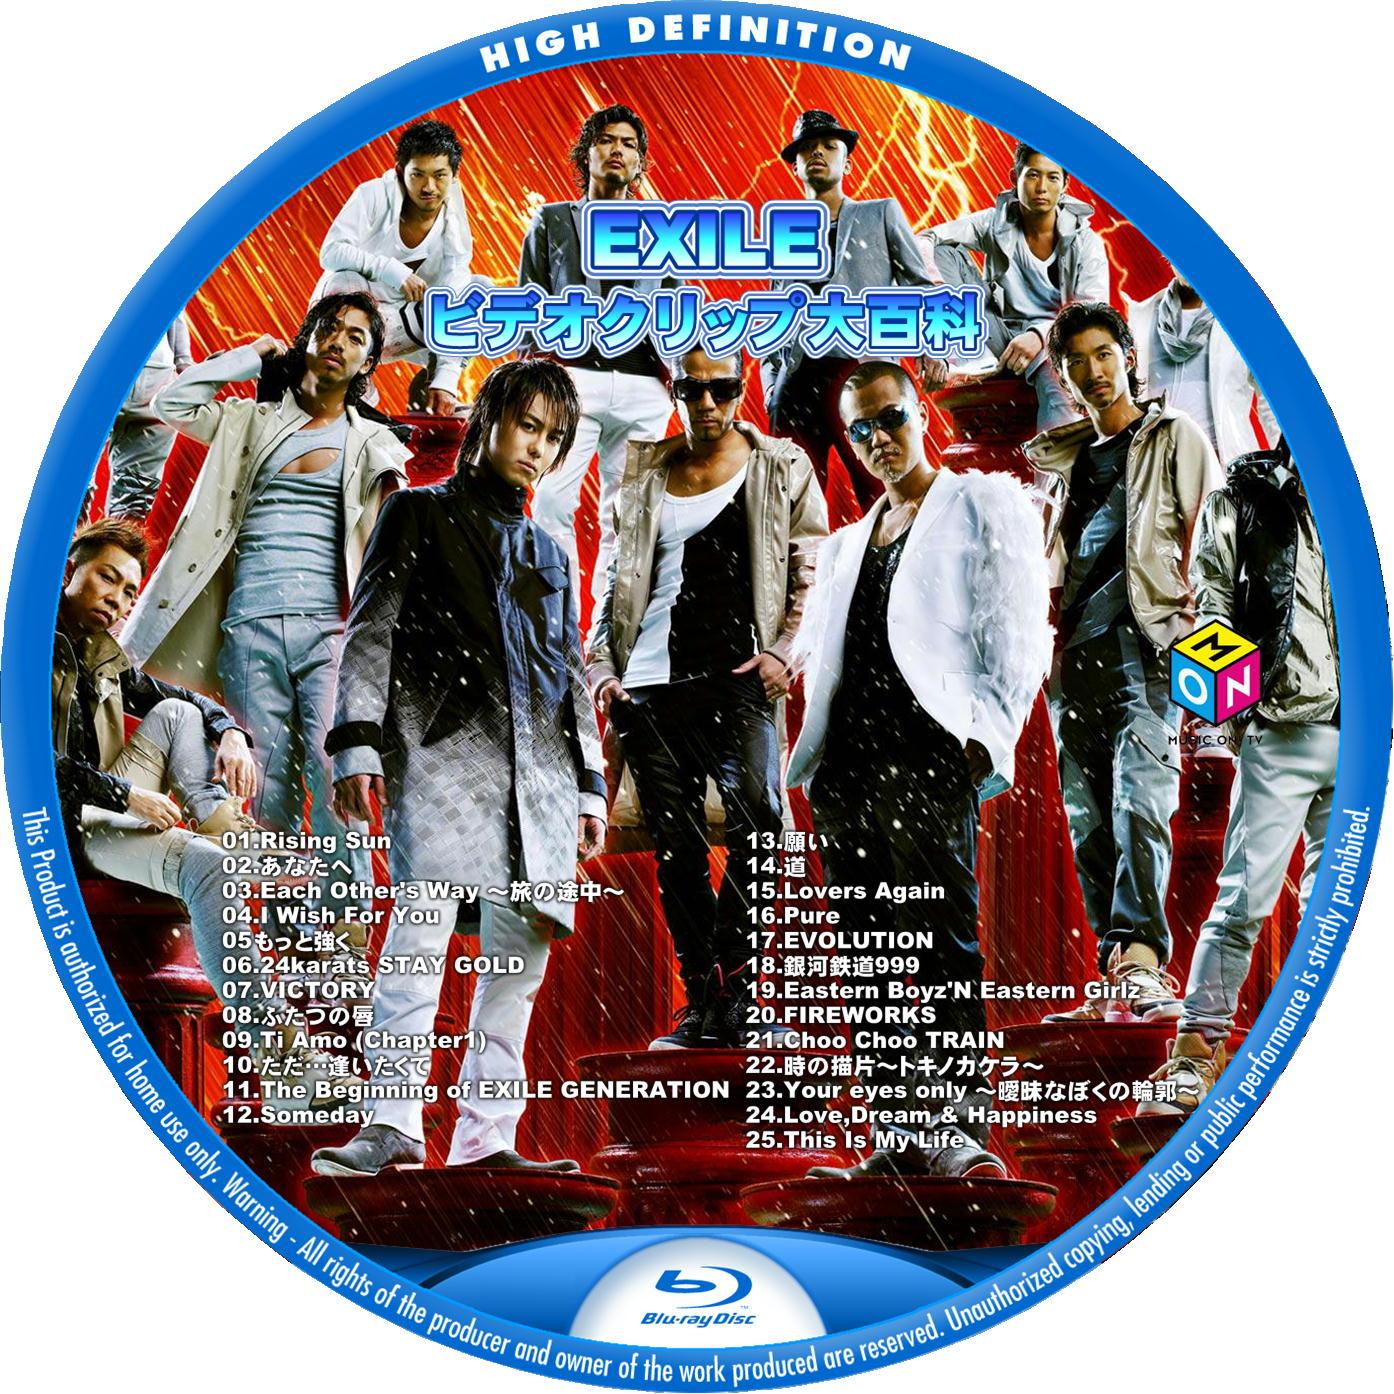 EXILE ビデオクリップ大百科 BDラベル